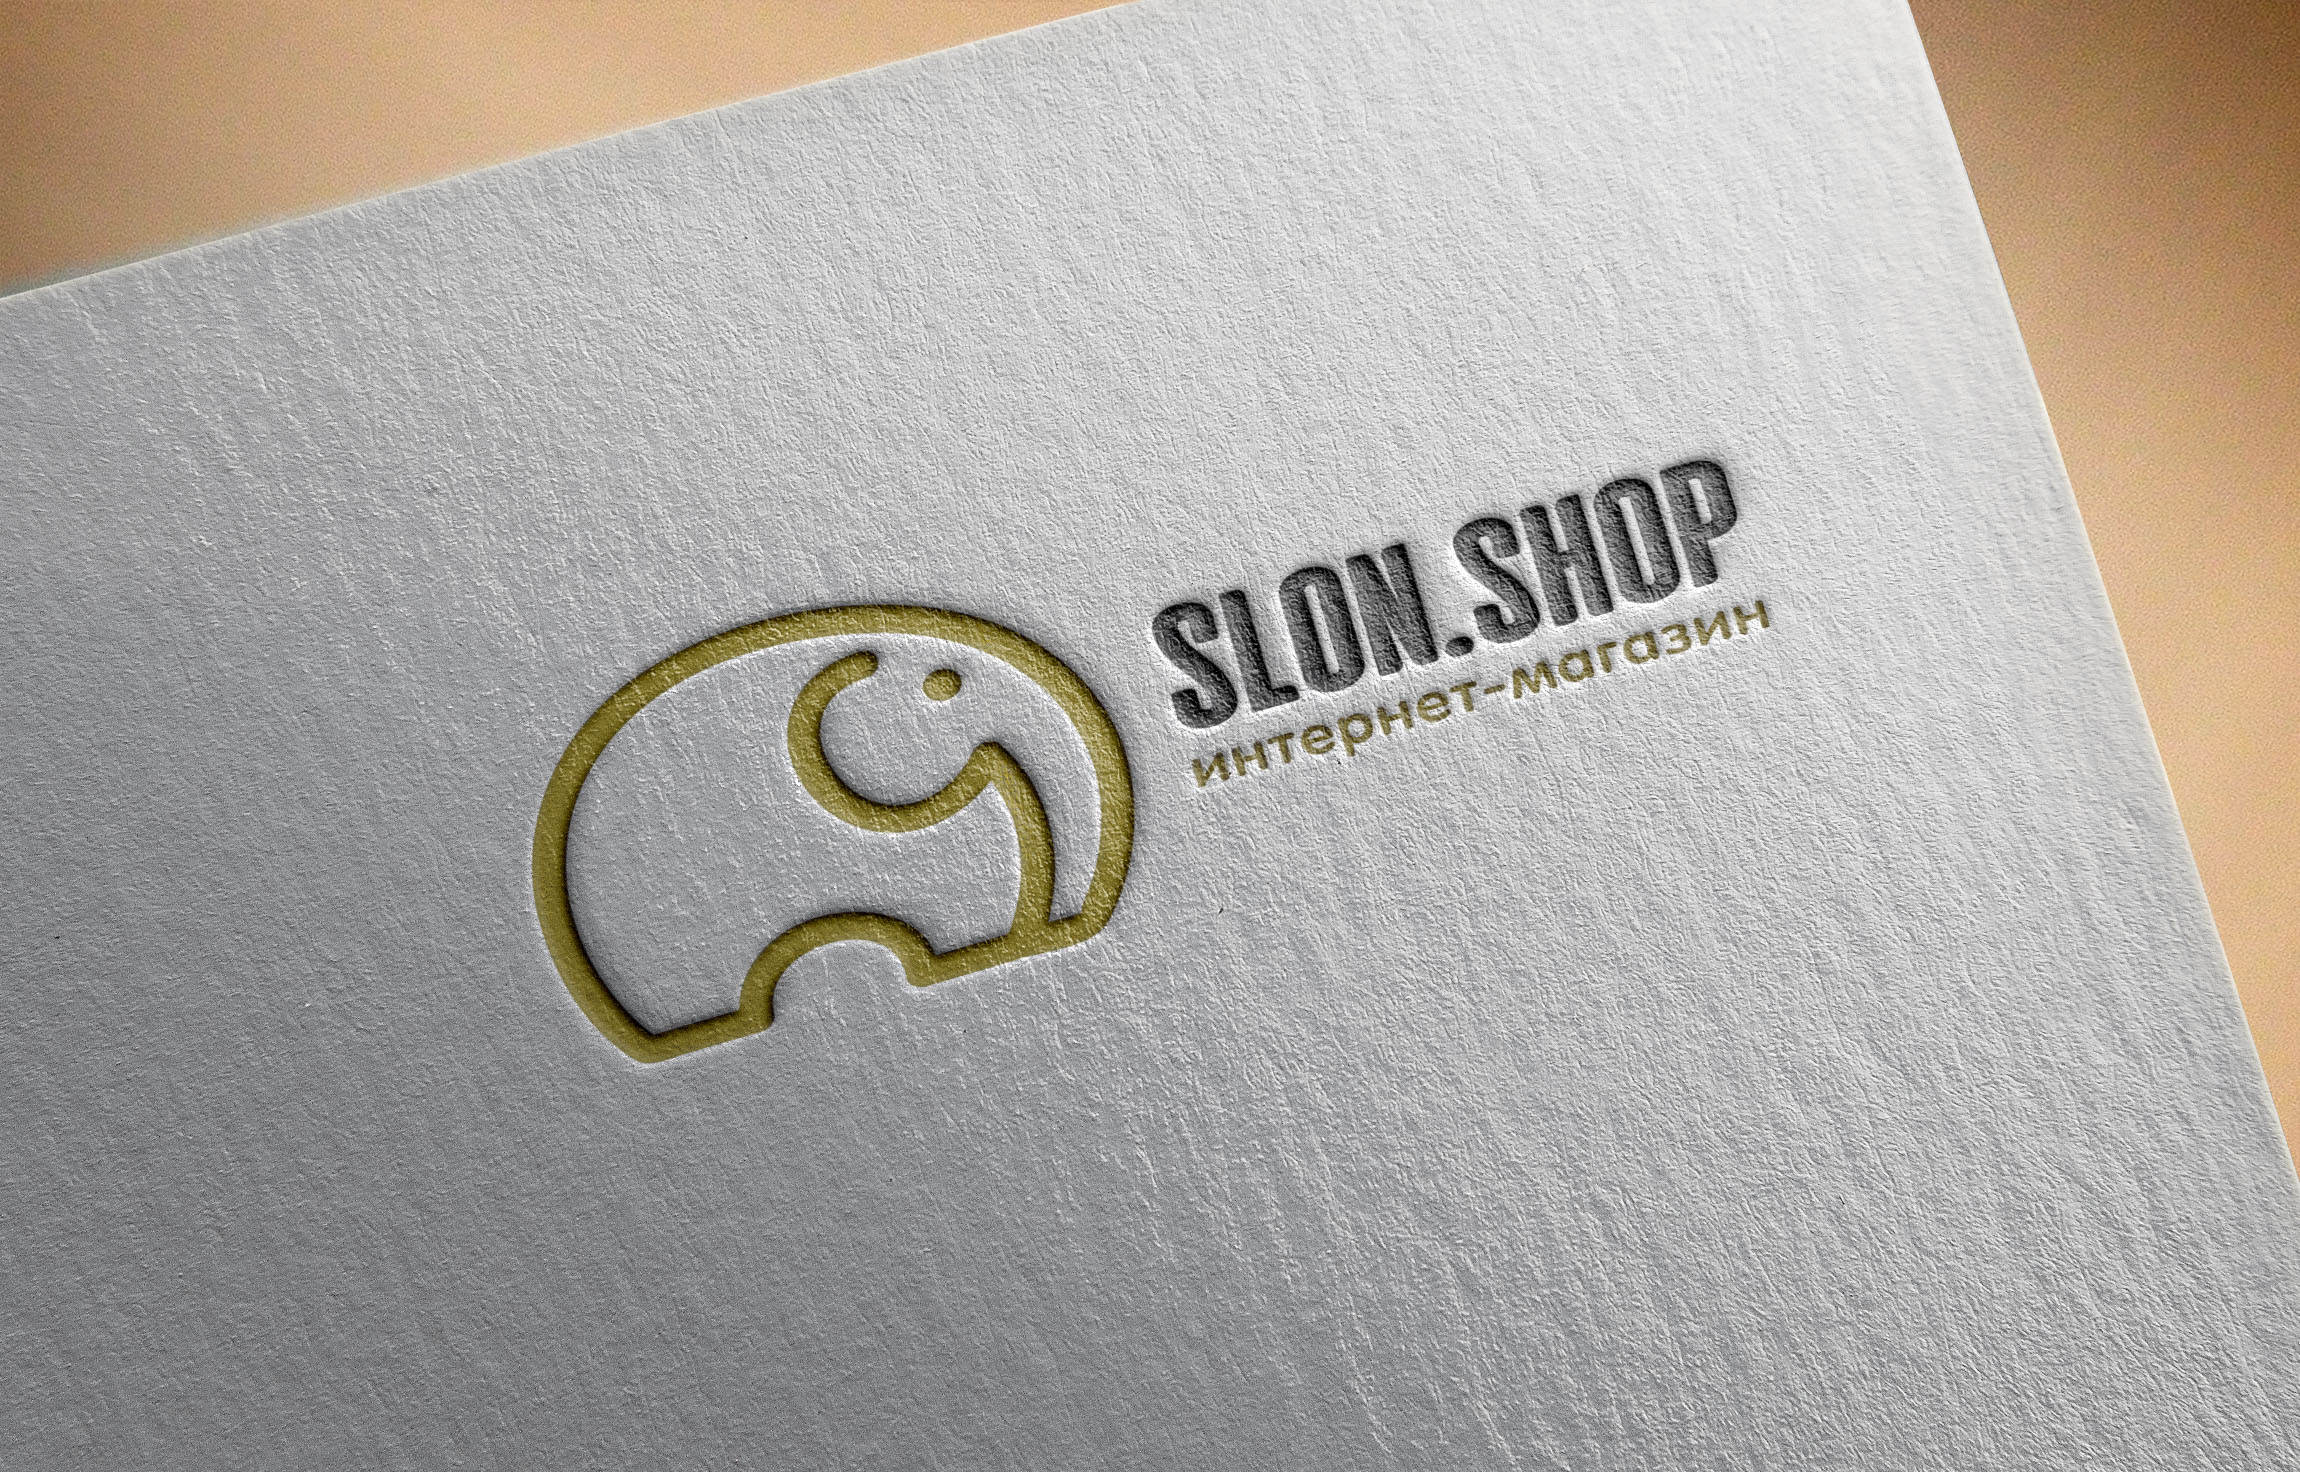 Разработать логотип и фирменный стиль интернет-магазина  фото f_7065991ae2d678ca.jpg